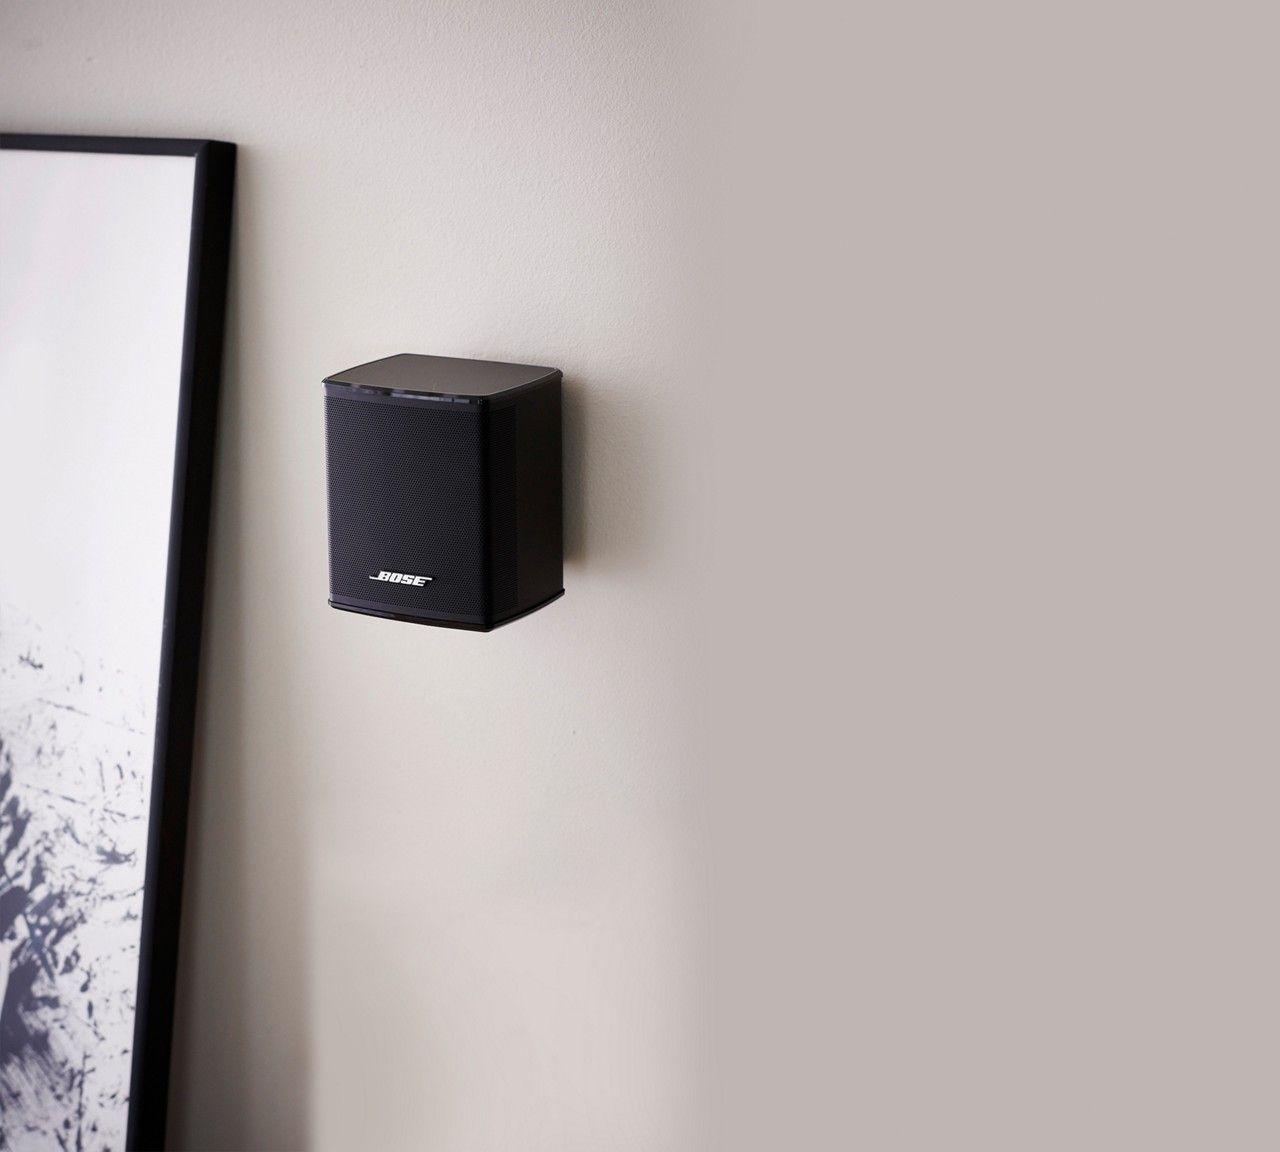 Bose Surround Speakers Bose Surround Speakers Bose Speakers Surround Sound Speakers #sound #system #for #living #room